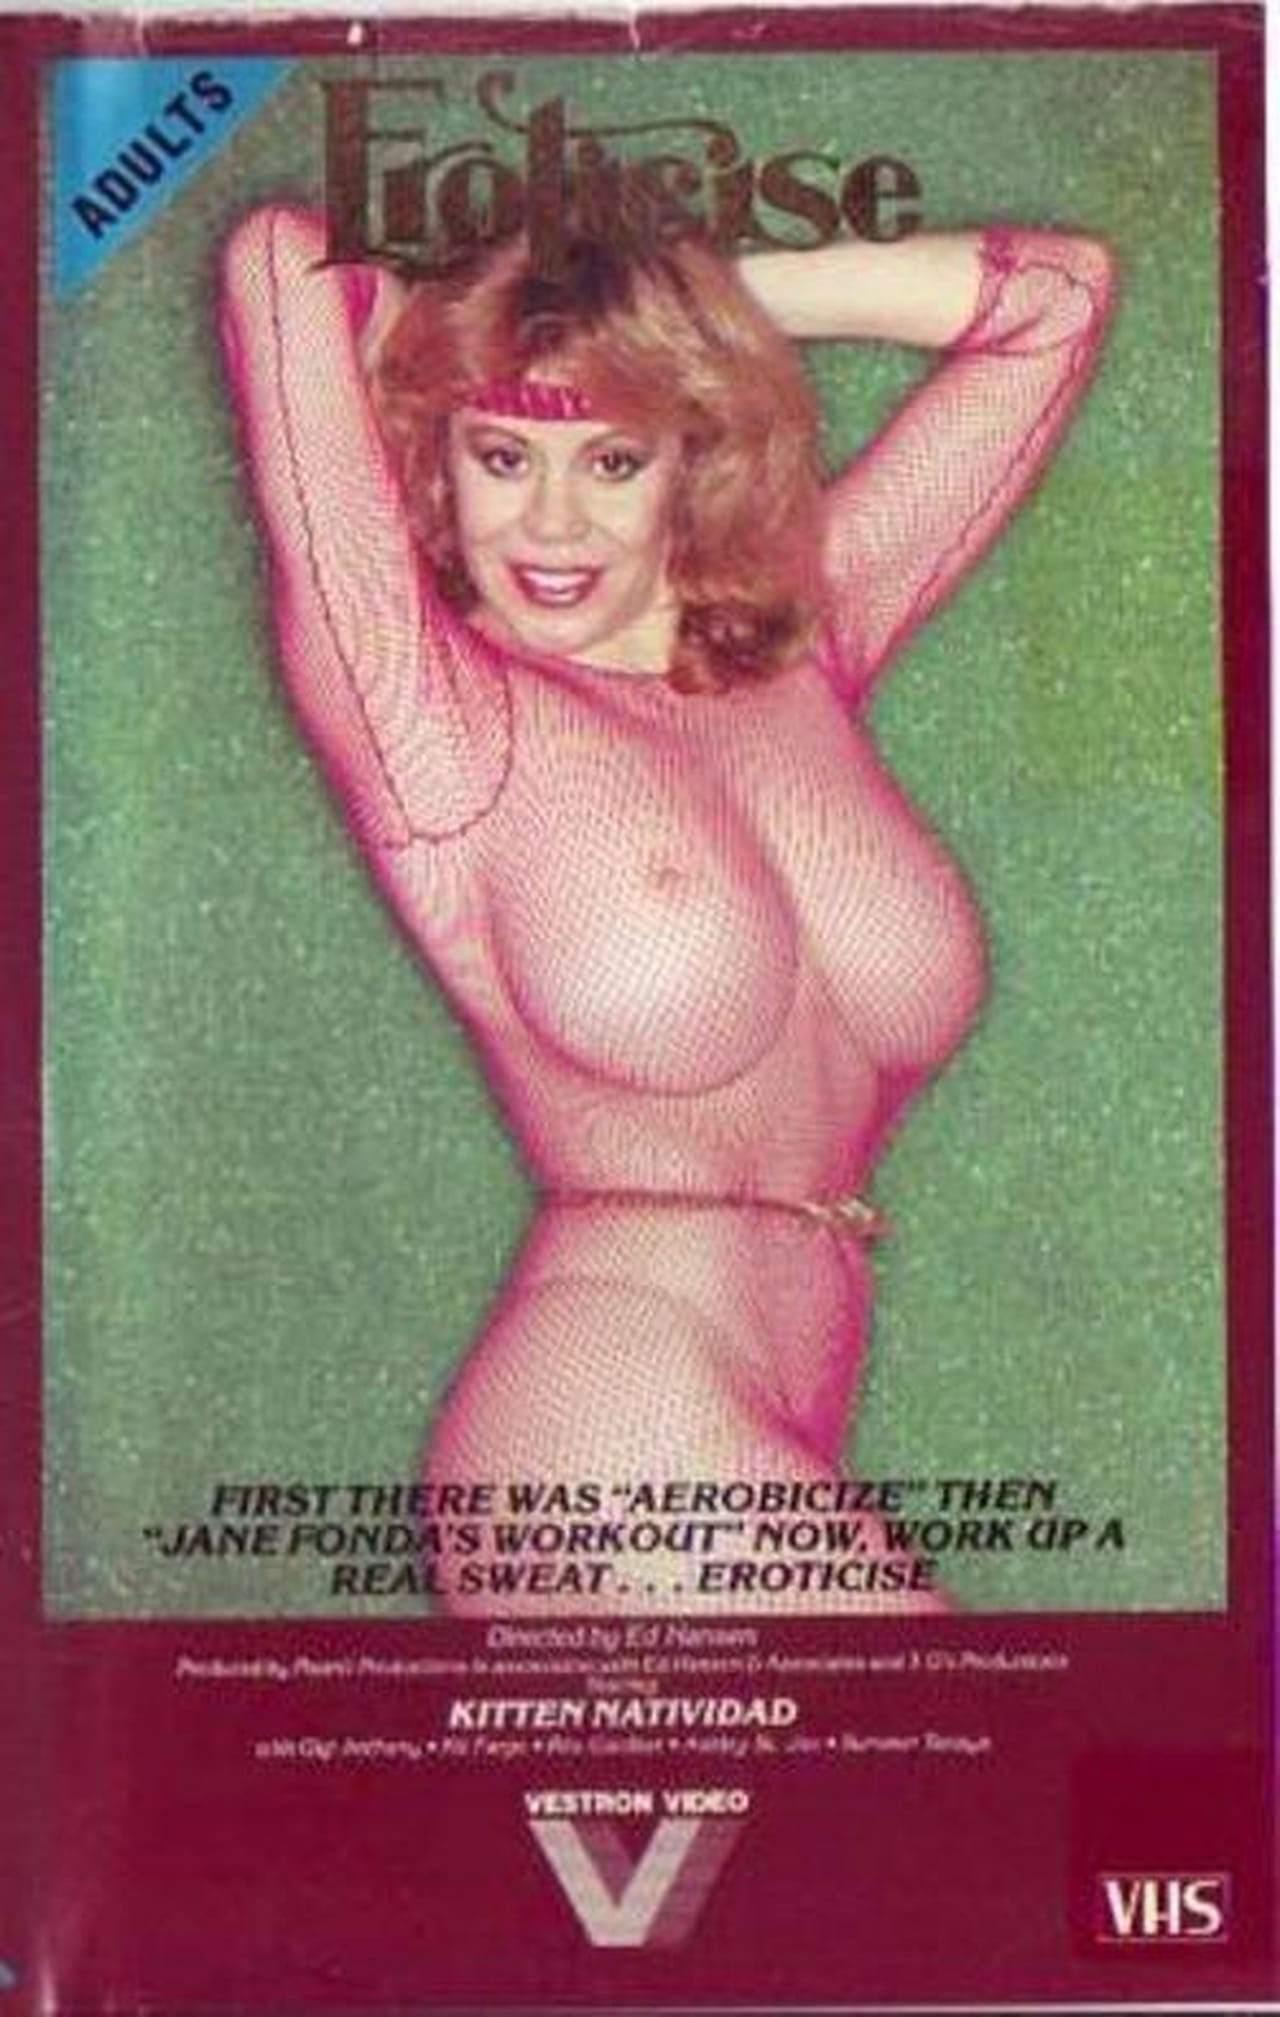 Eroticise